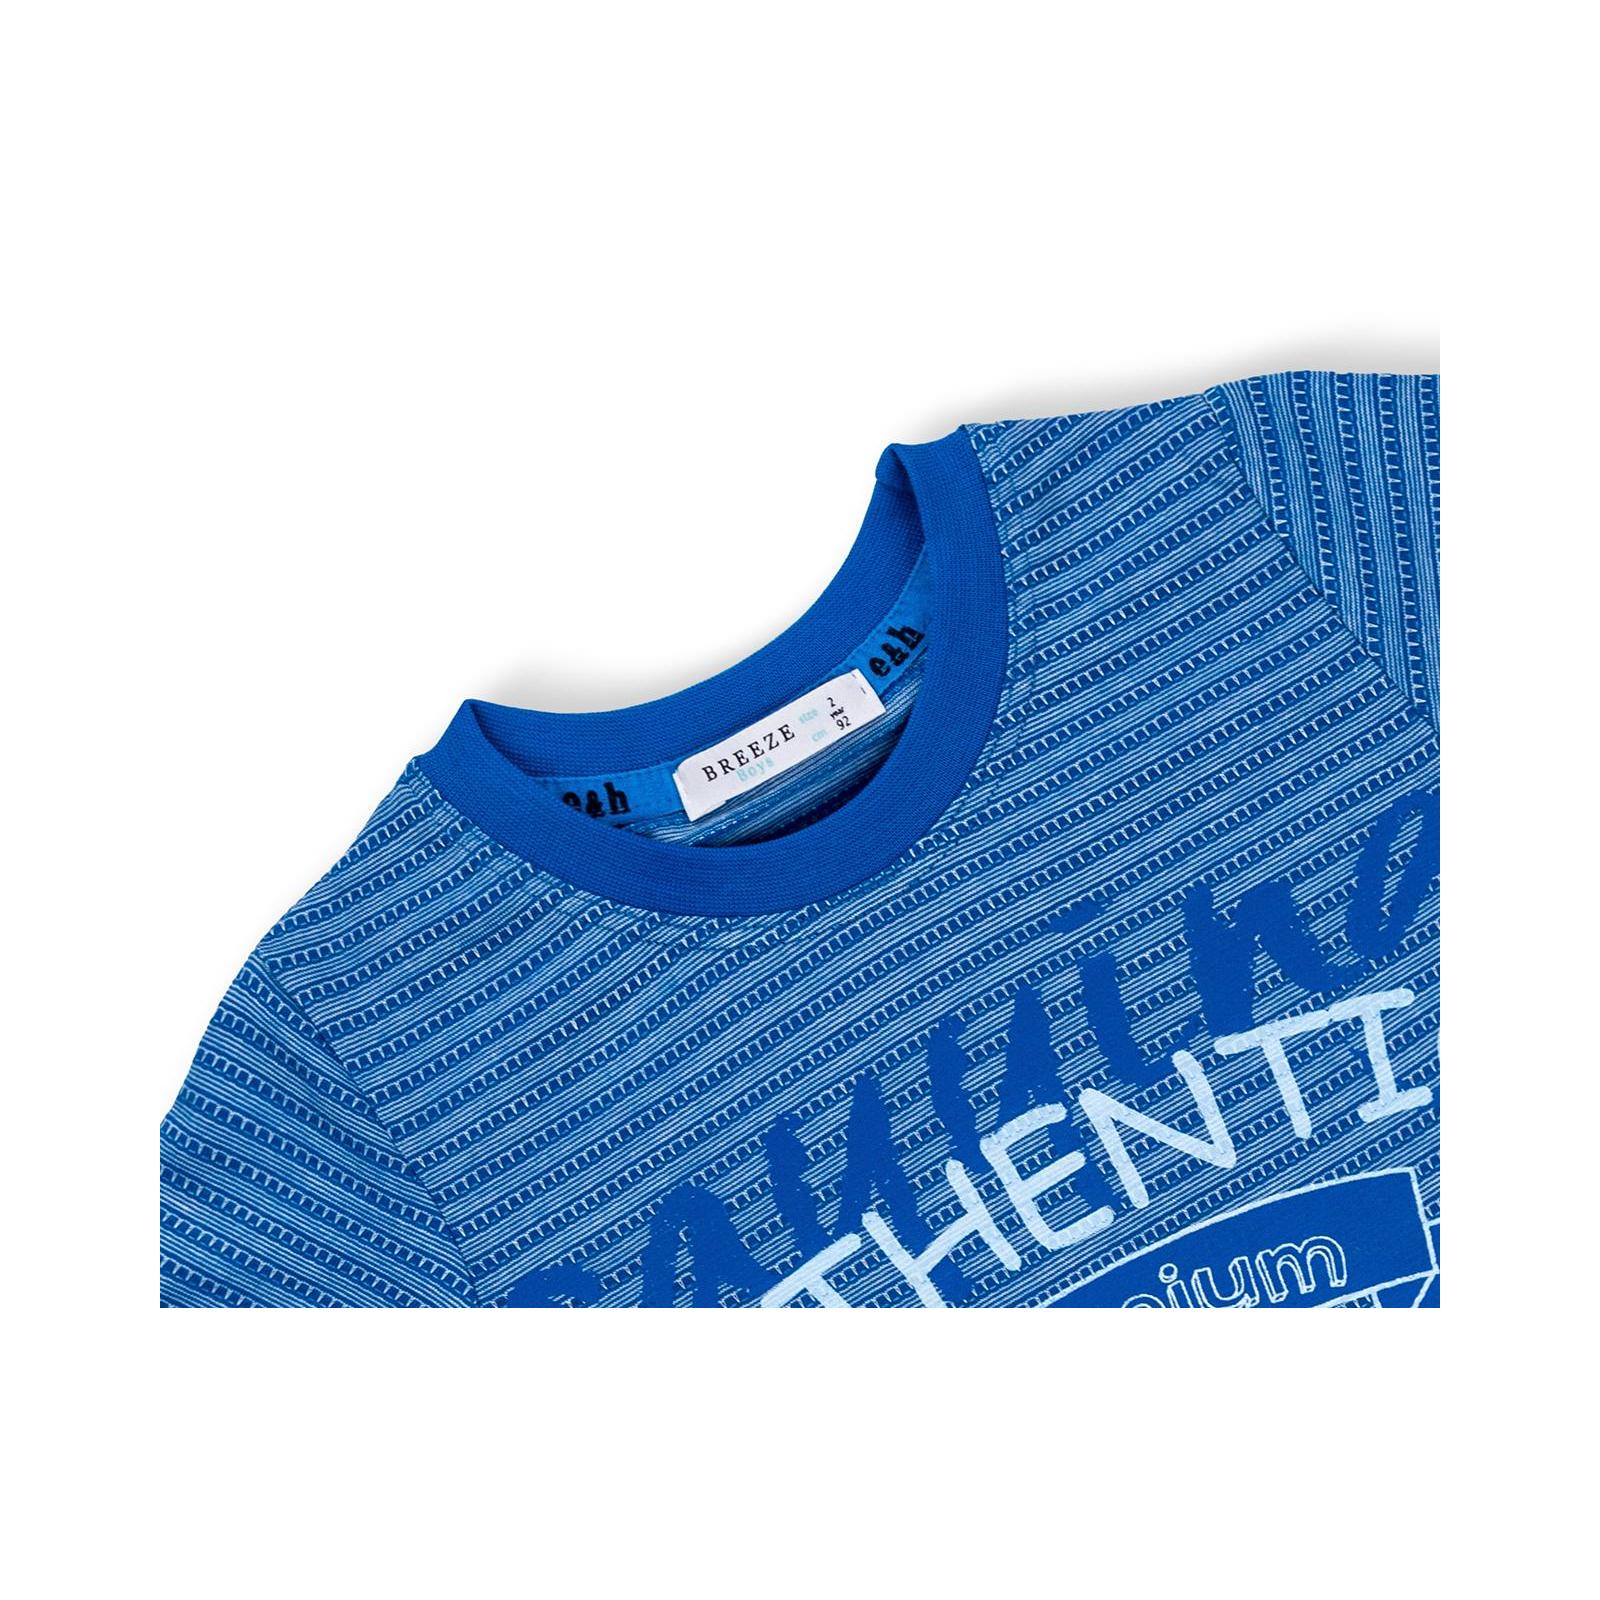 """Футболка детская Breeze с шортами """"AUTHENTIC"""" (10583-92B-blue) изображение 7"""